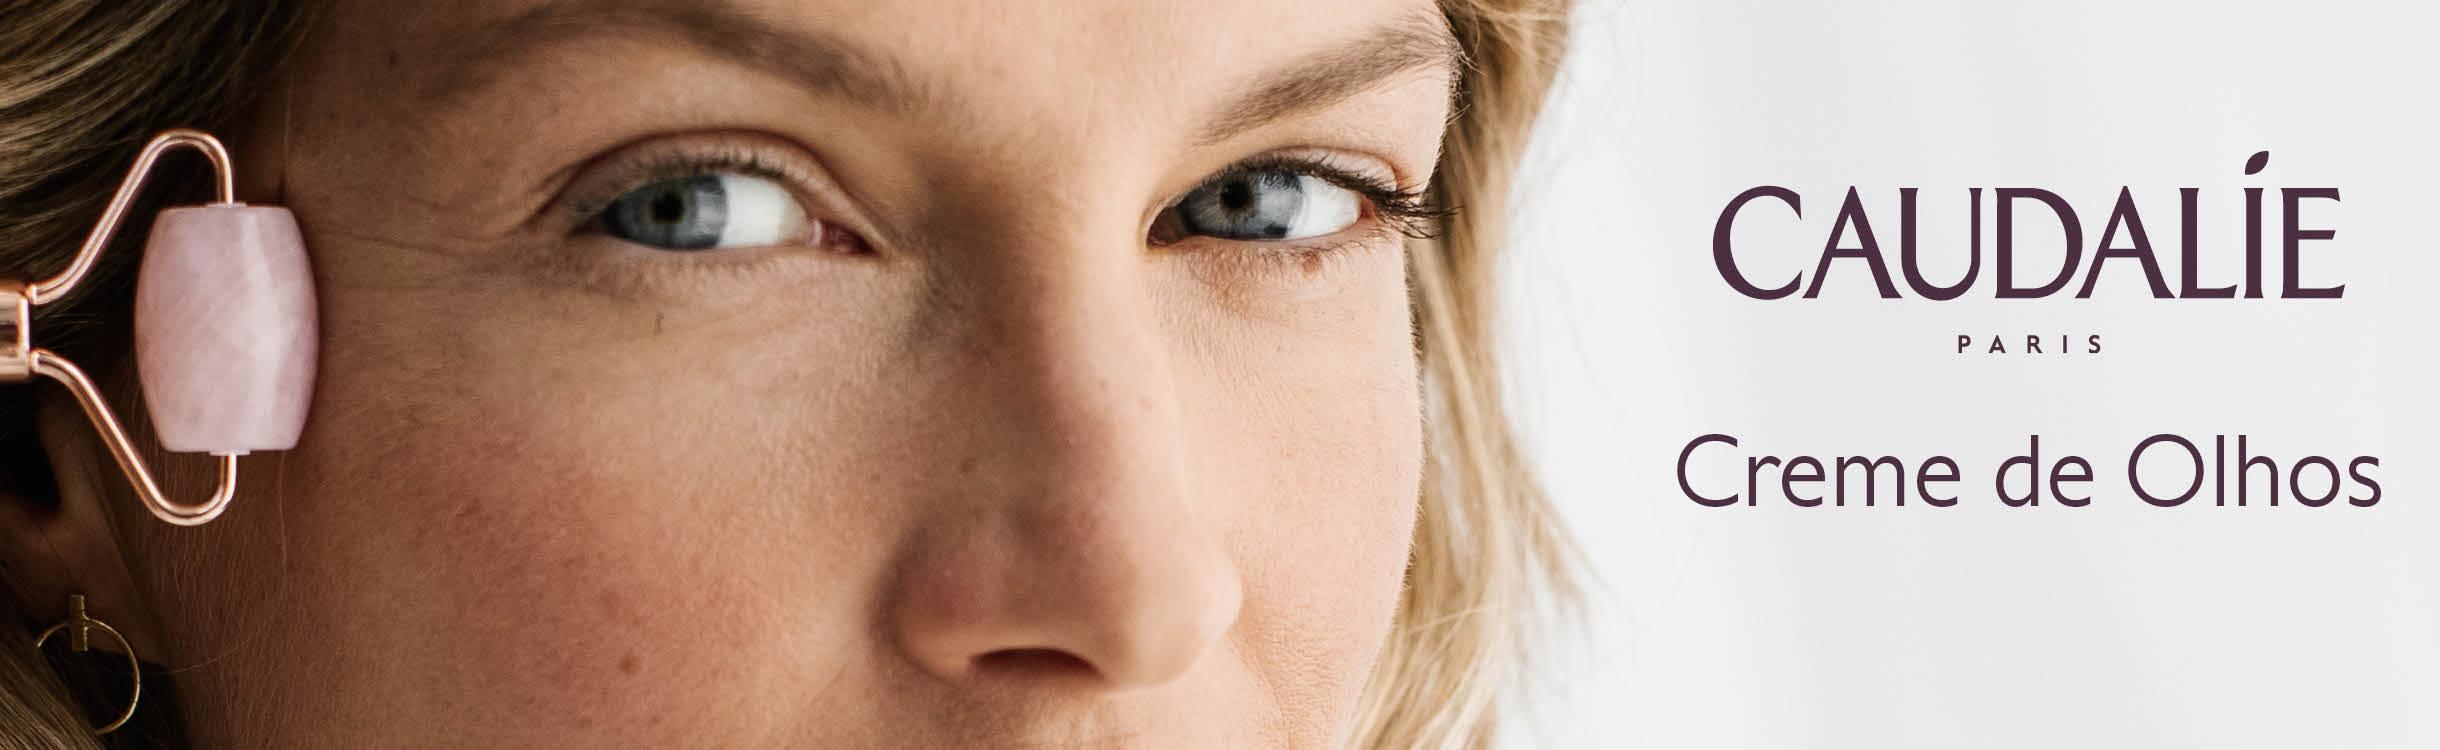 Creme Caudalie para Área dos Olhos e Anti-Idade